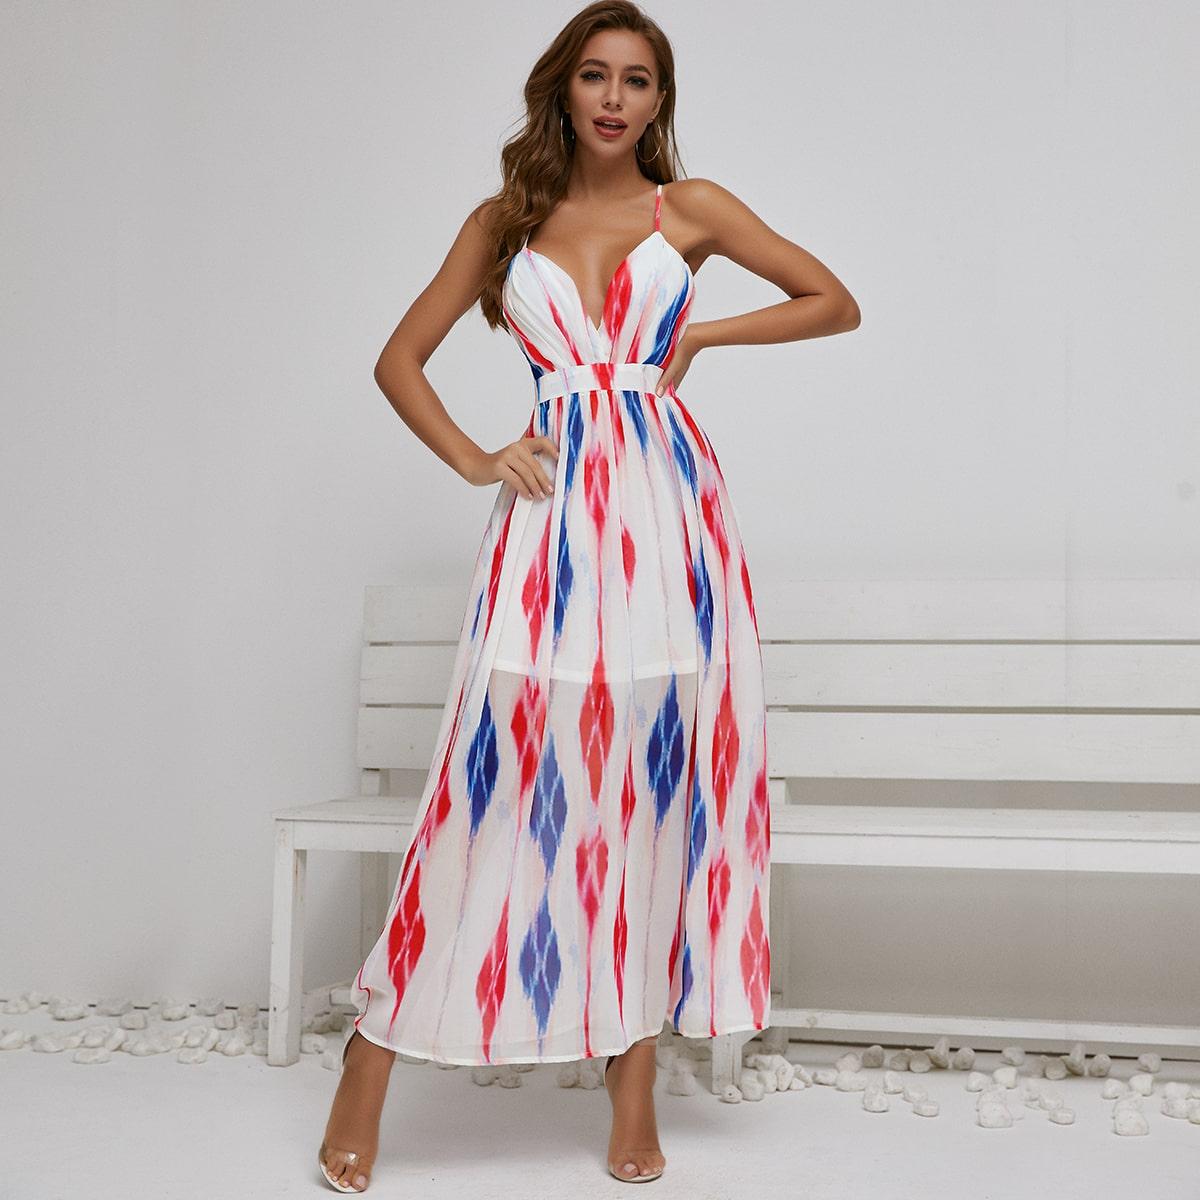 геометрическое платье с глубоким вырезом